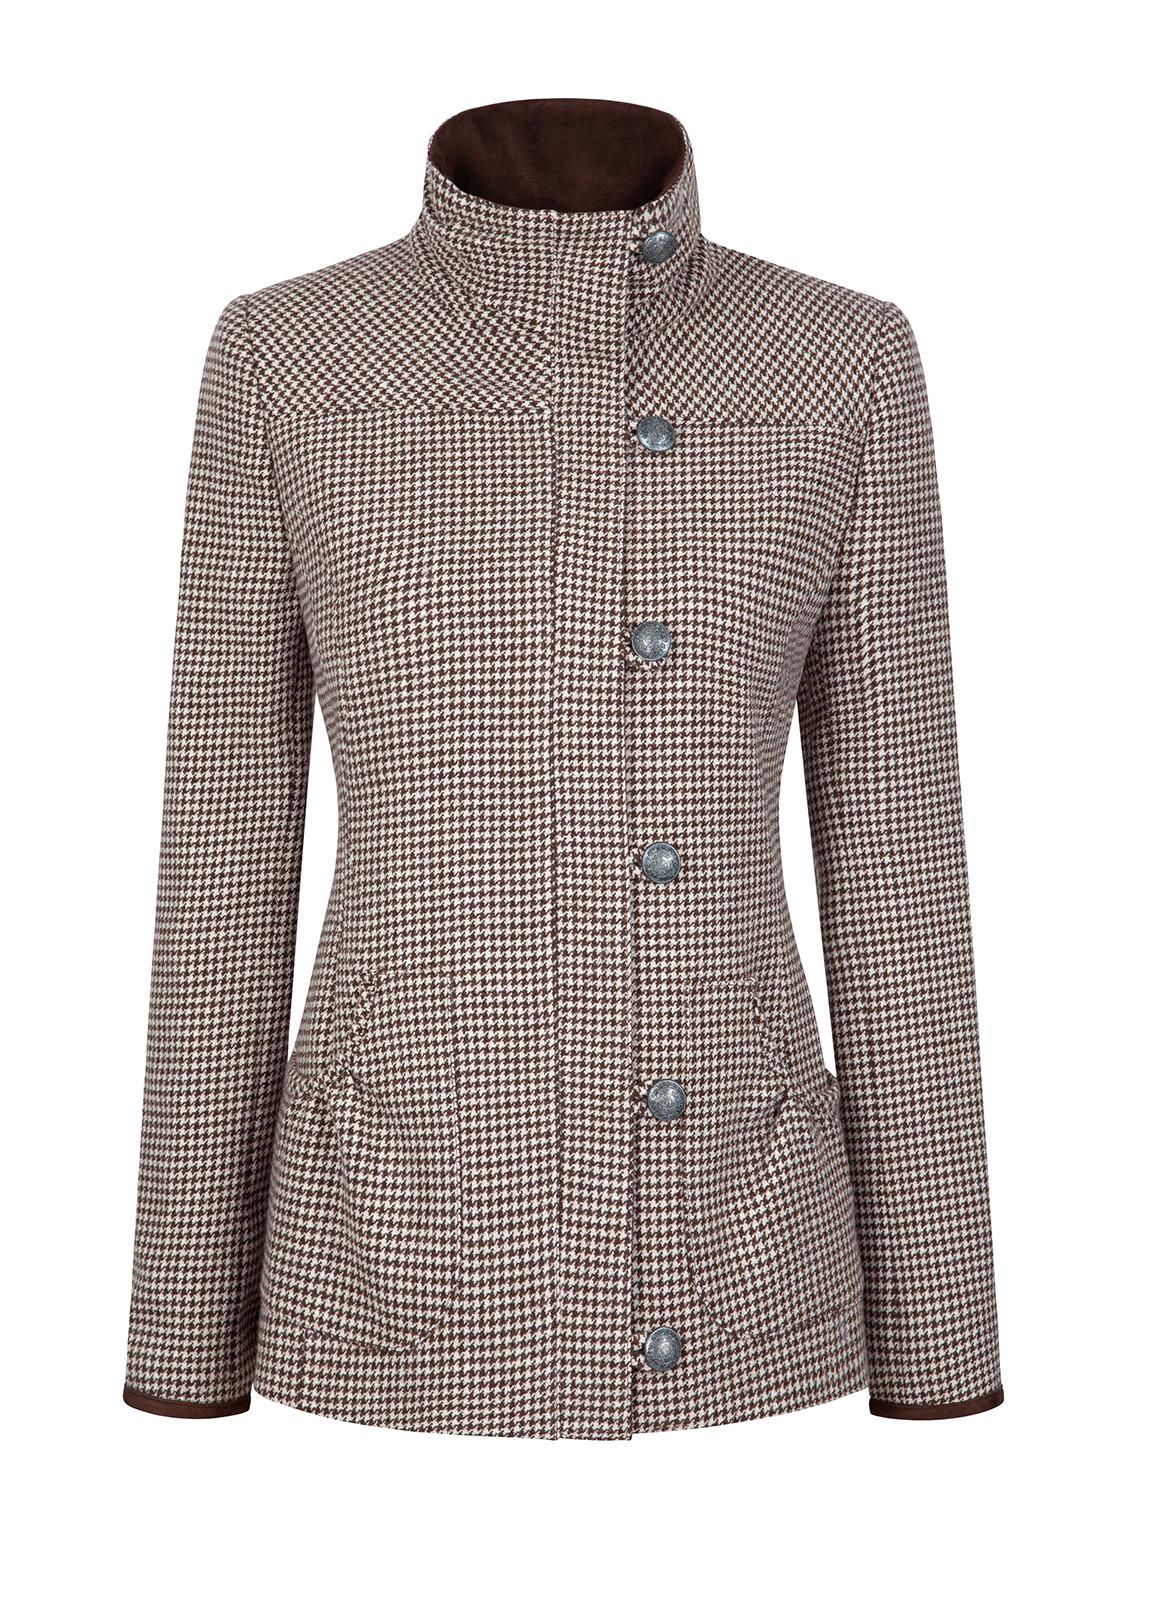 Dubarry_Bracken Tweed Coat - Cafe_Image_2